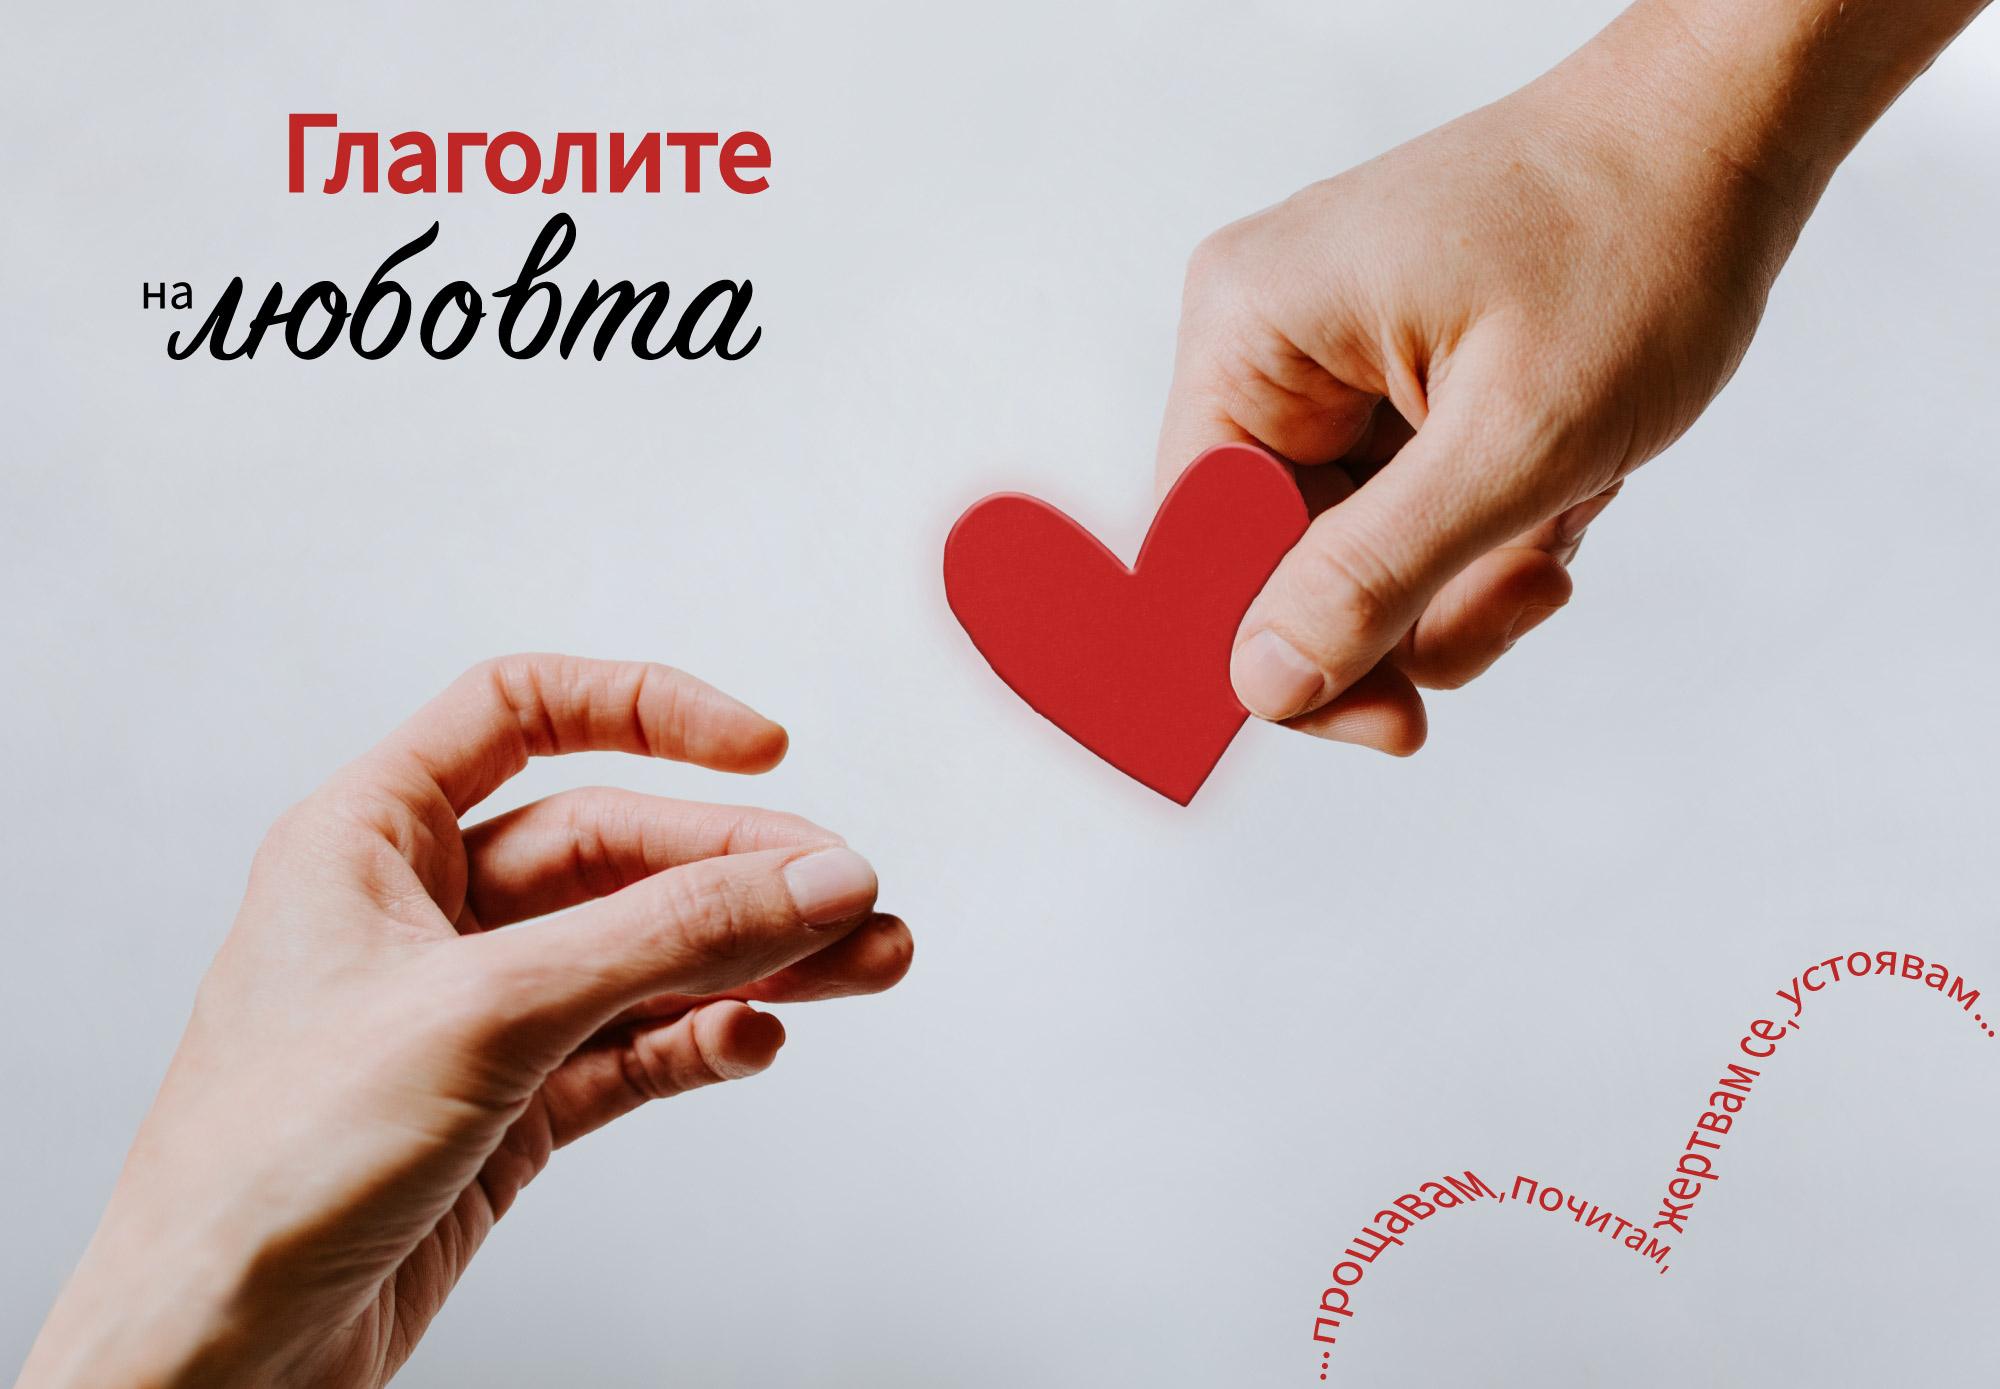 Глаголите на Любовта